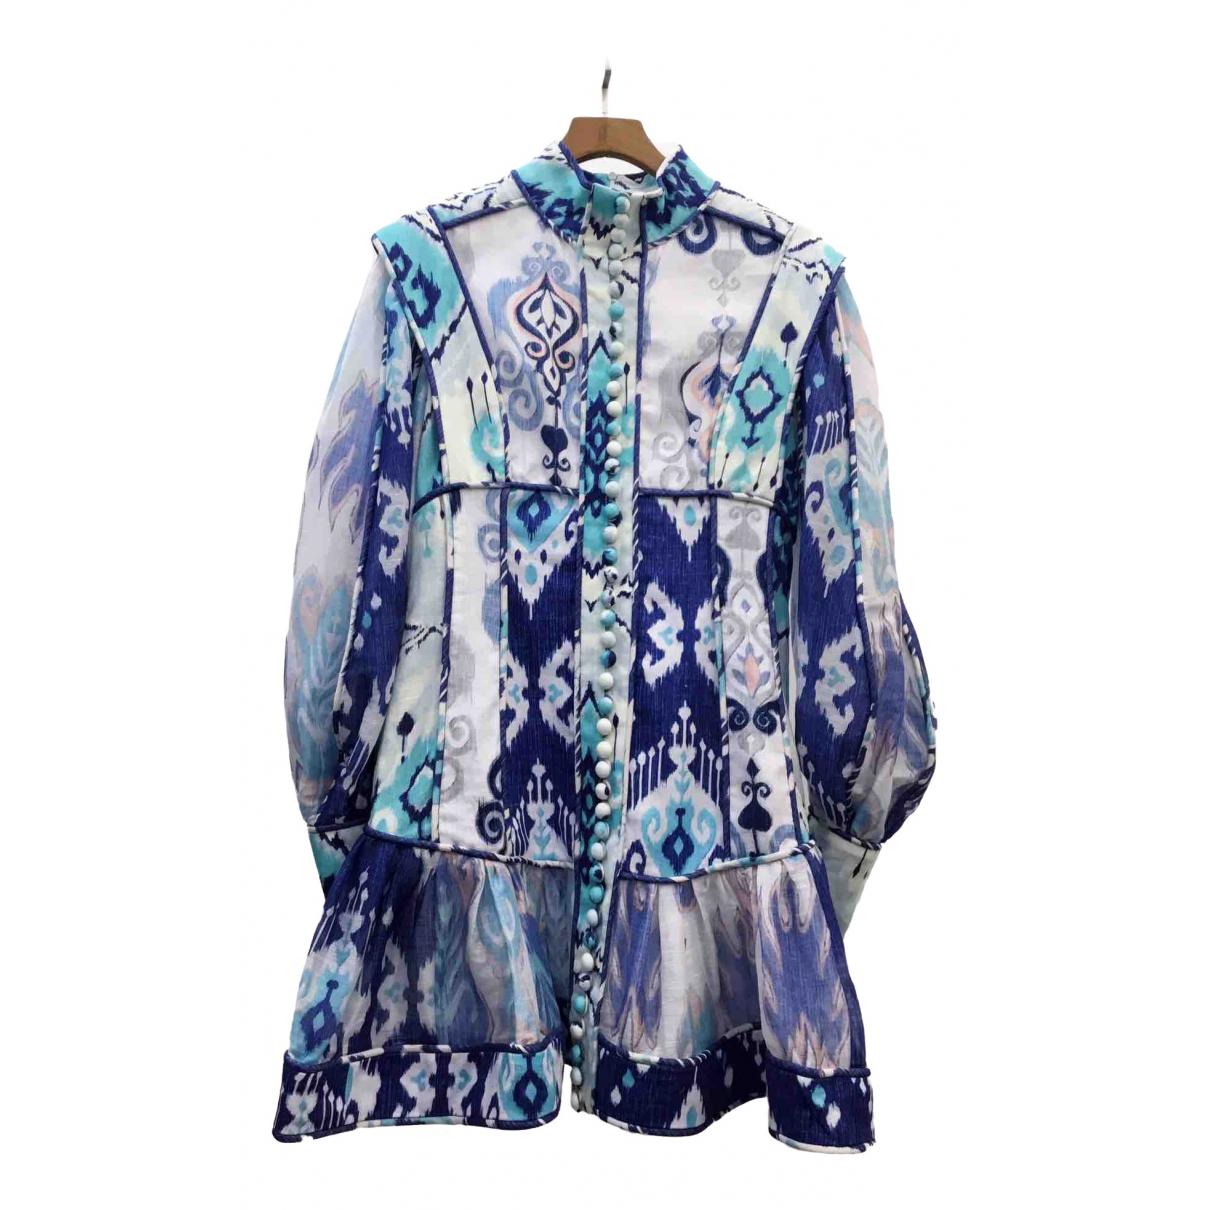 Zimmermann \N Multicolour Linen dress for Women 1 0-5